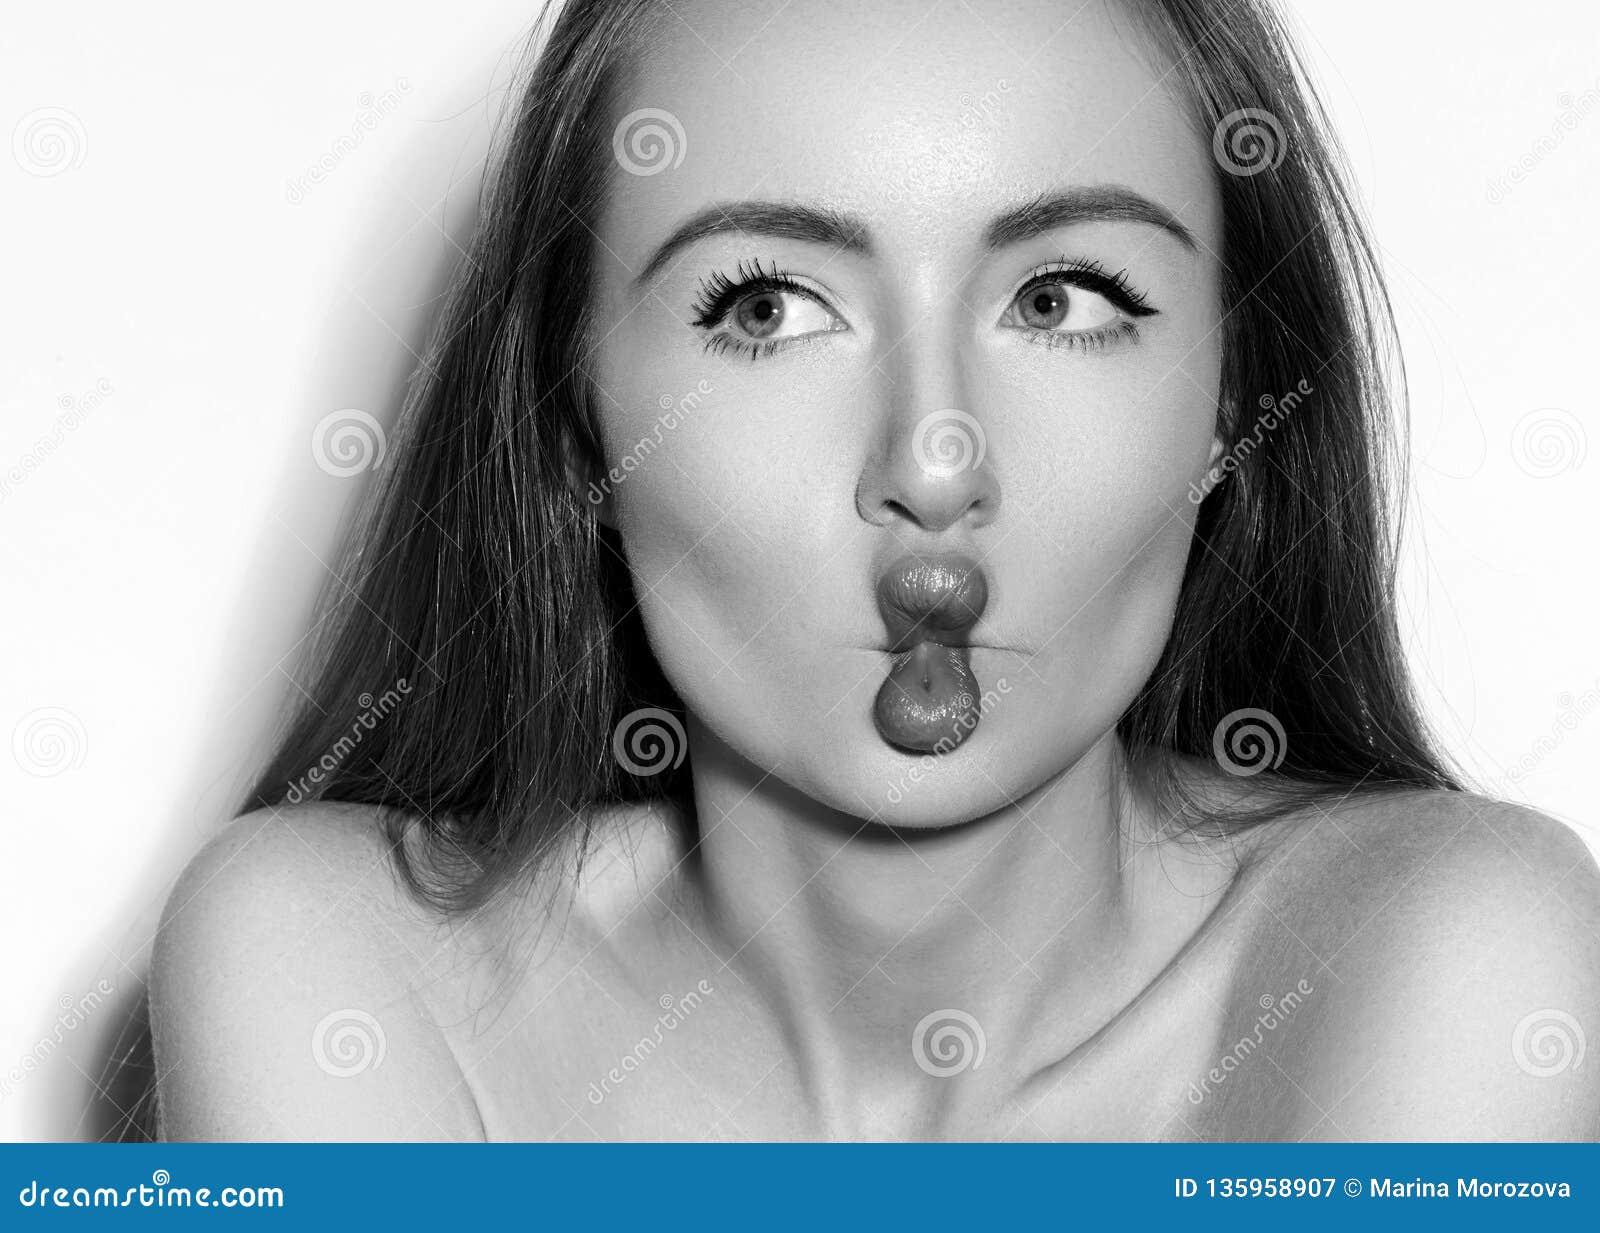 Cara divertida de los labios de los pescados con las emociones de Exprissive Modelo hermoso con Fishlips Foto blanco y negro de P